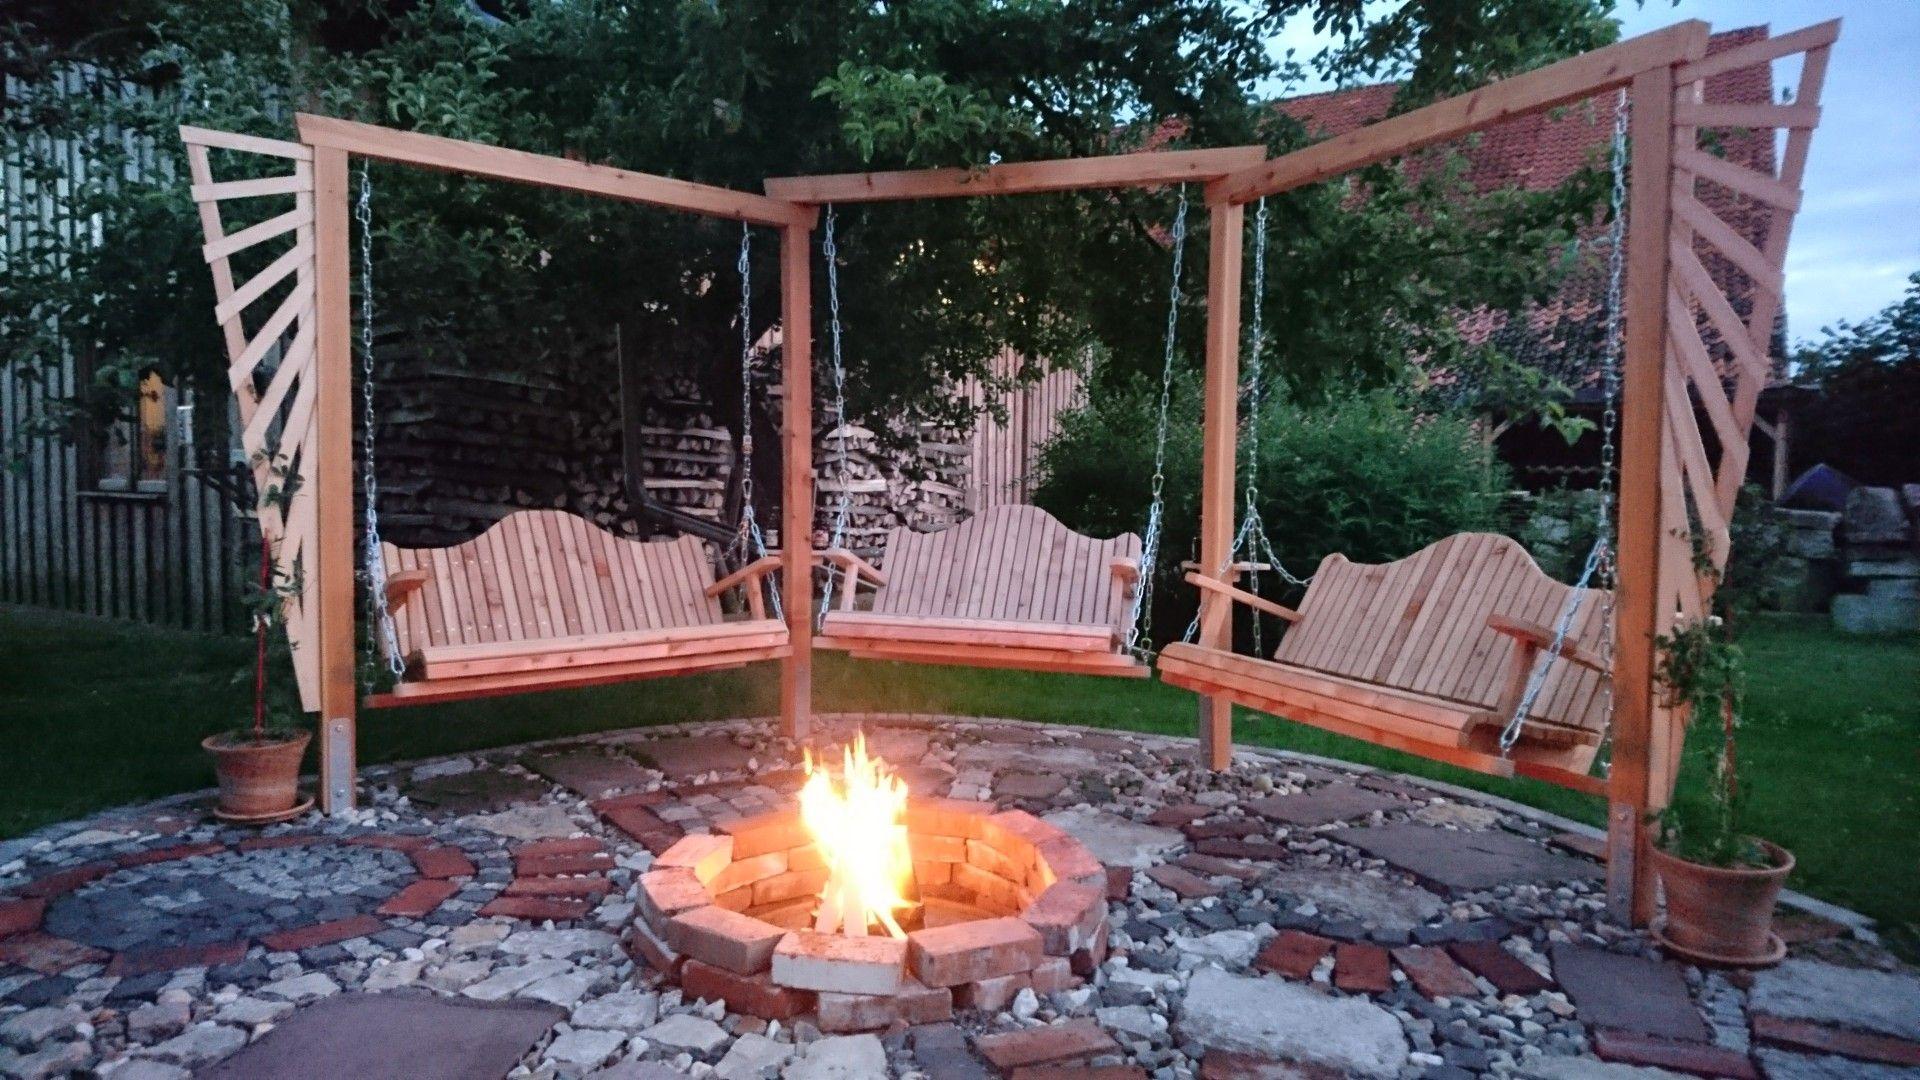 Chilloutarea Feuerstelle Mit Sitzecke Feuerstelle Garten Sitzecken Garten Garten